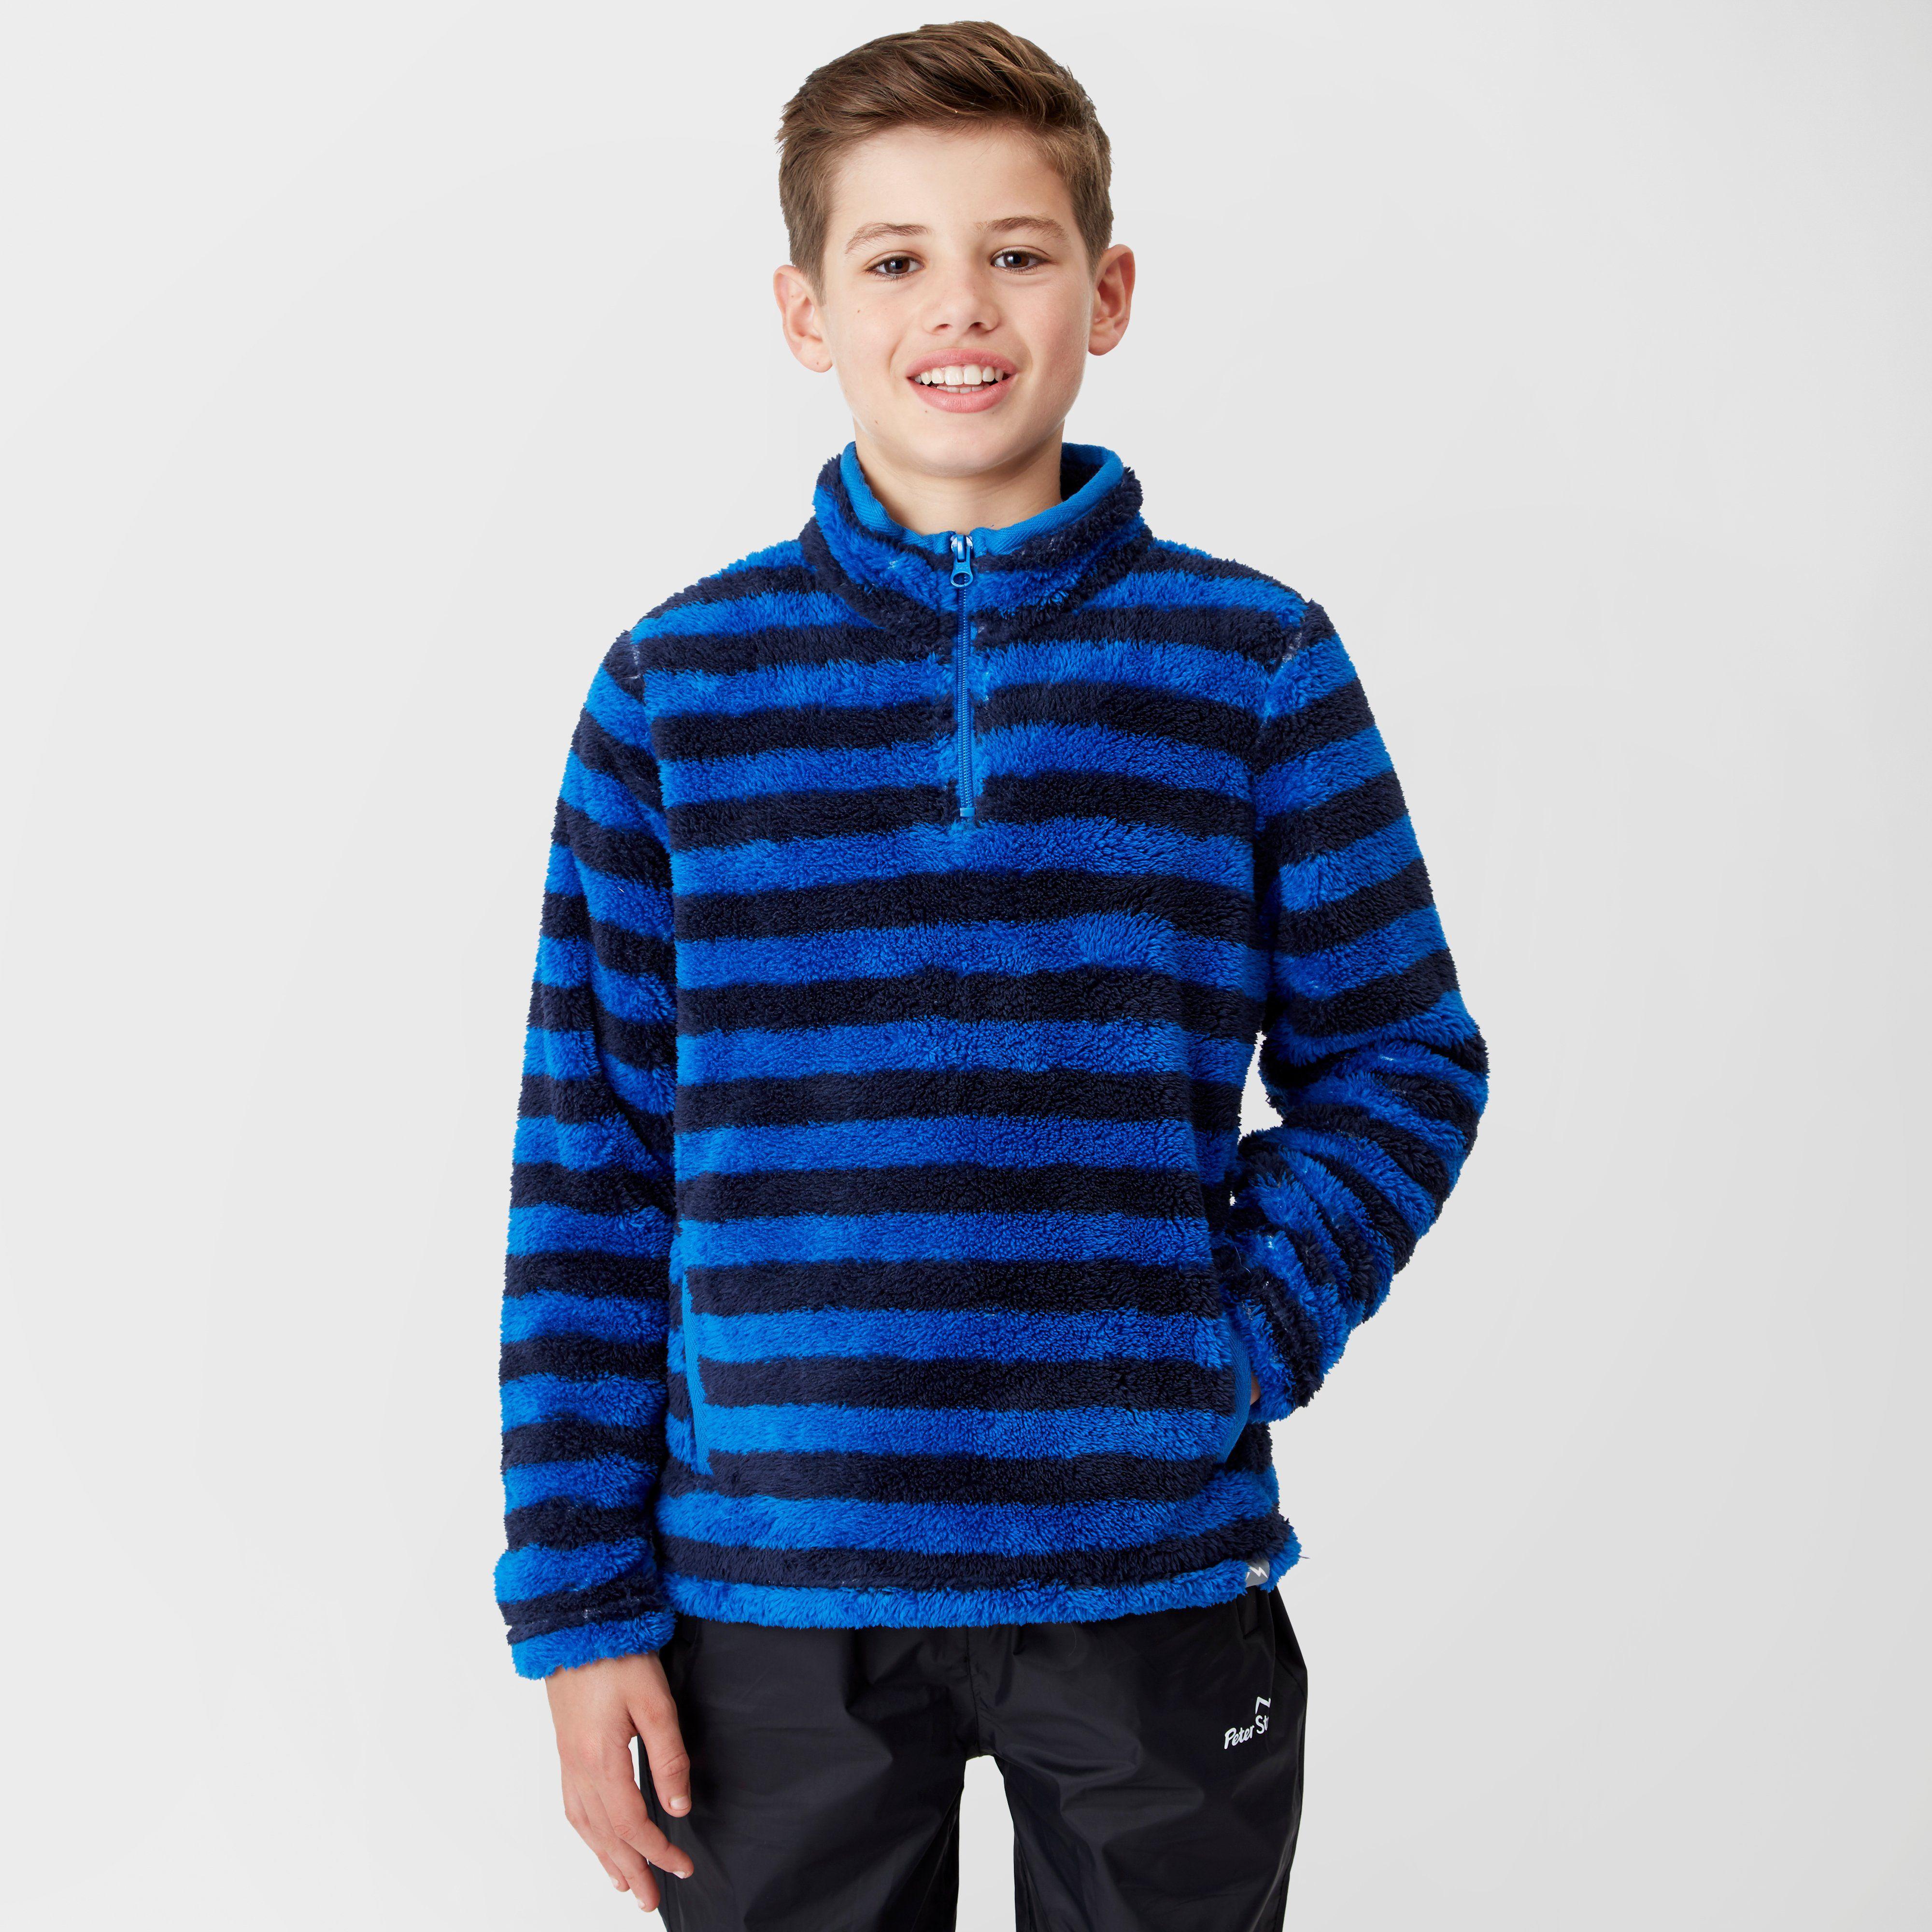 PETER STORM Kids' Teddy Half Zip Fleece